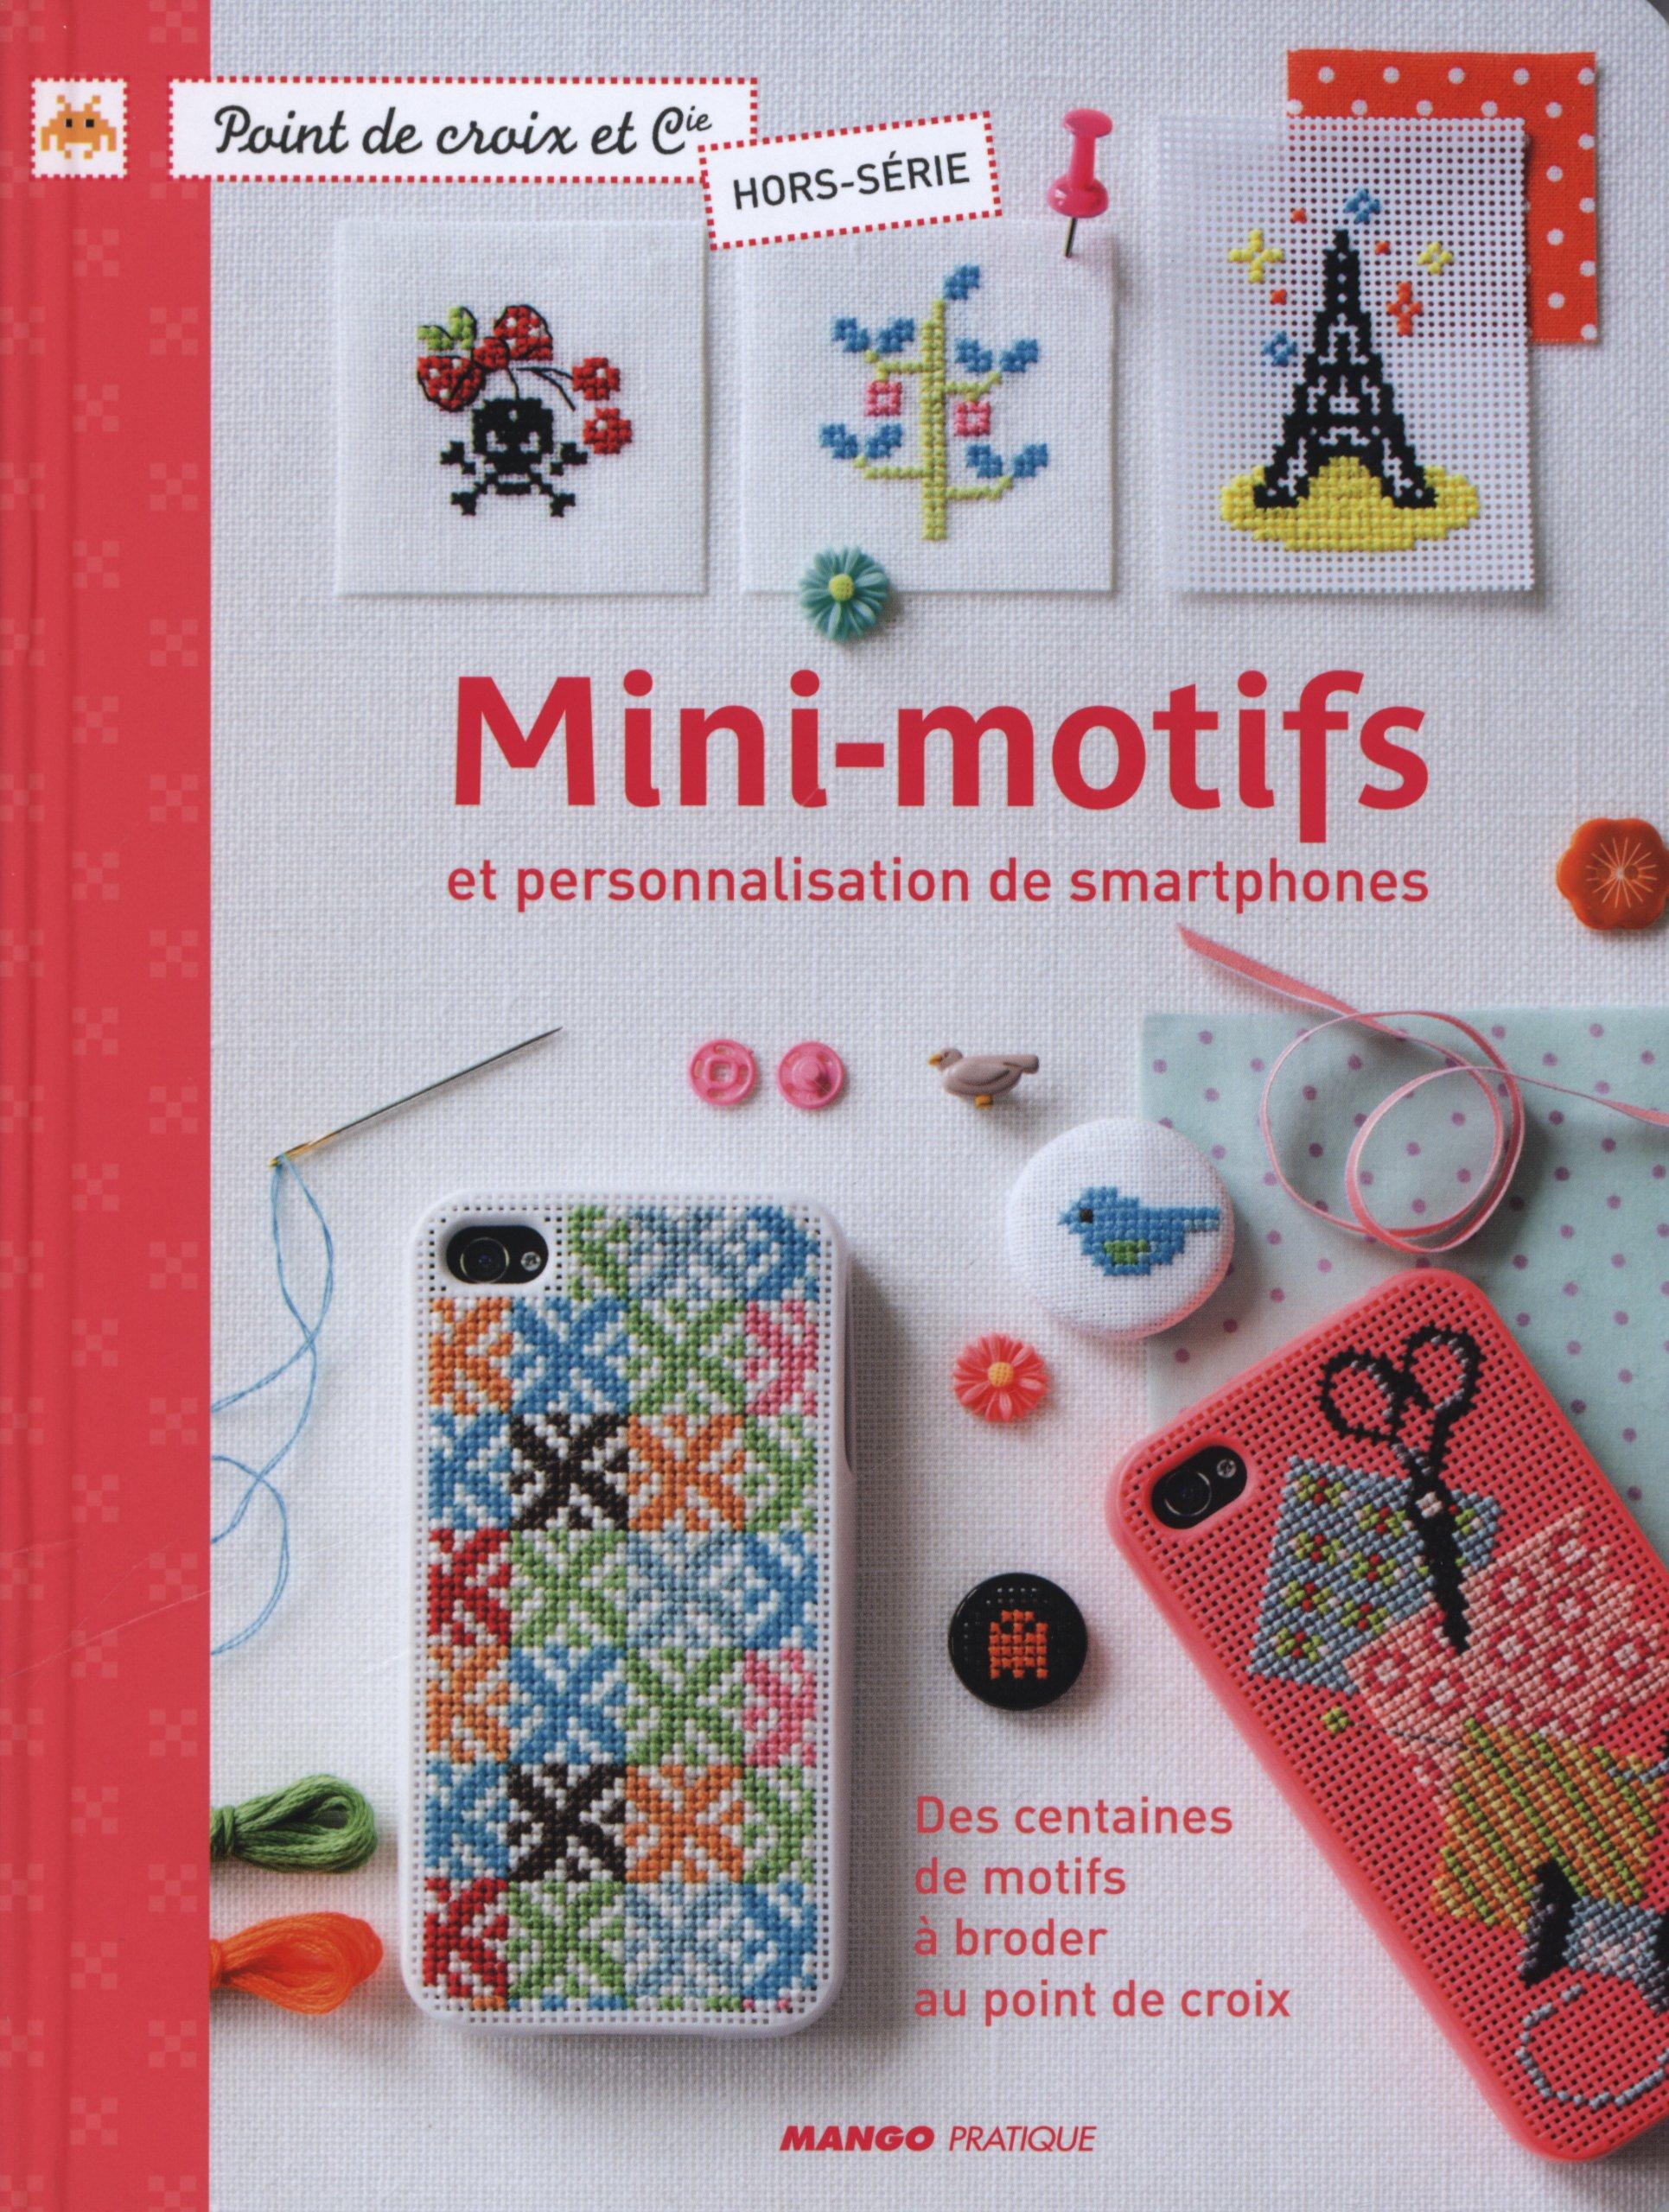 Mini-motifs et personnalisation de smartphones